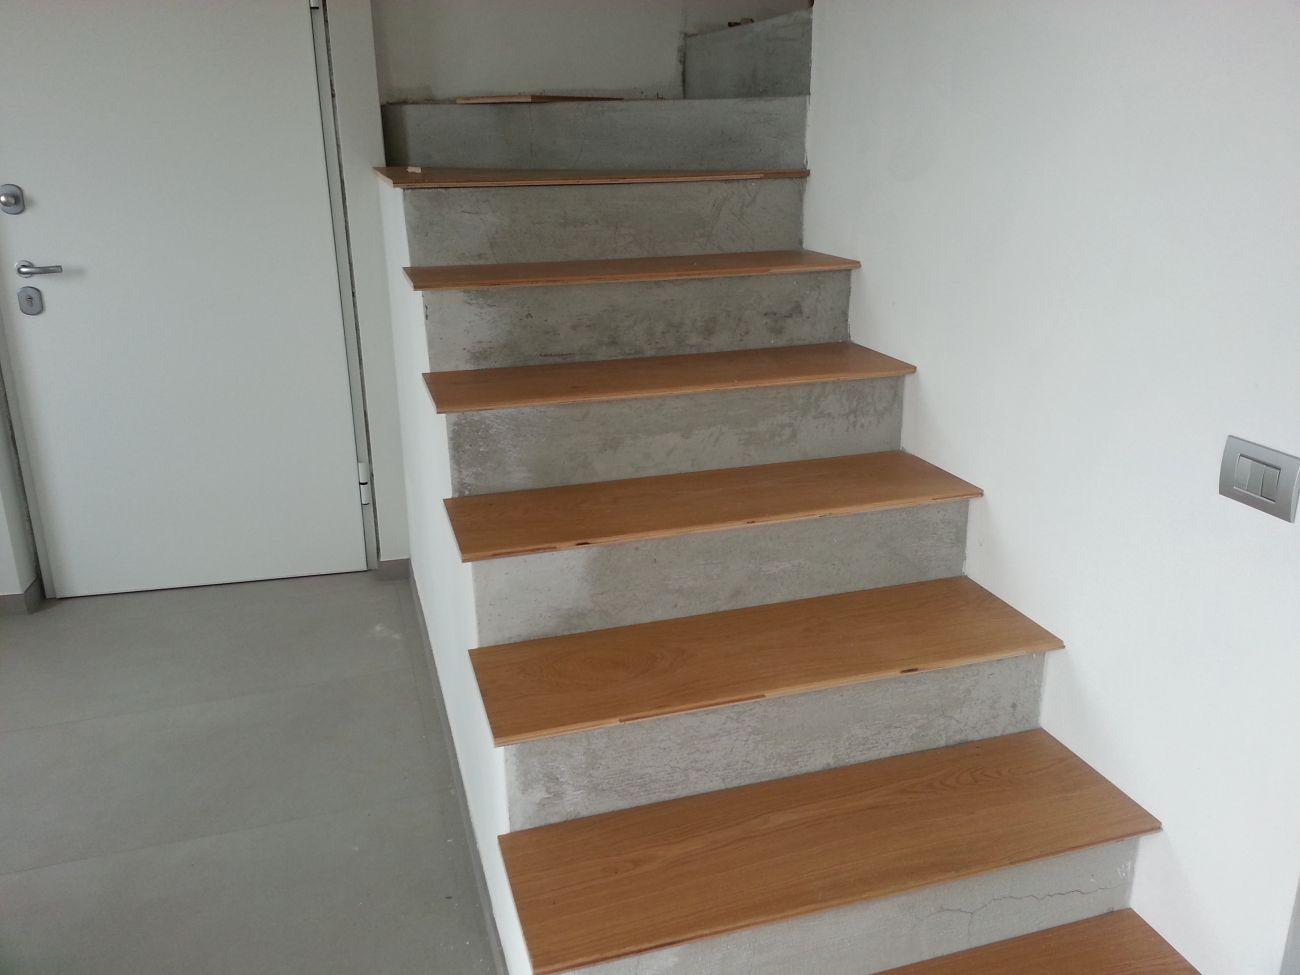 Gradini per scale interne copertura scale interne scala a - Copertura scale interne ...